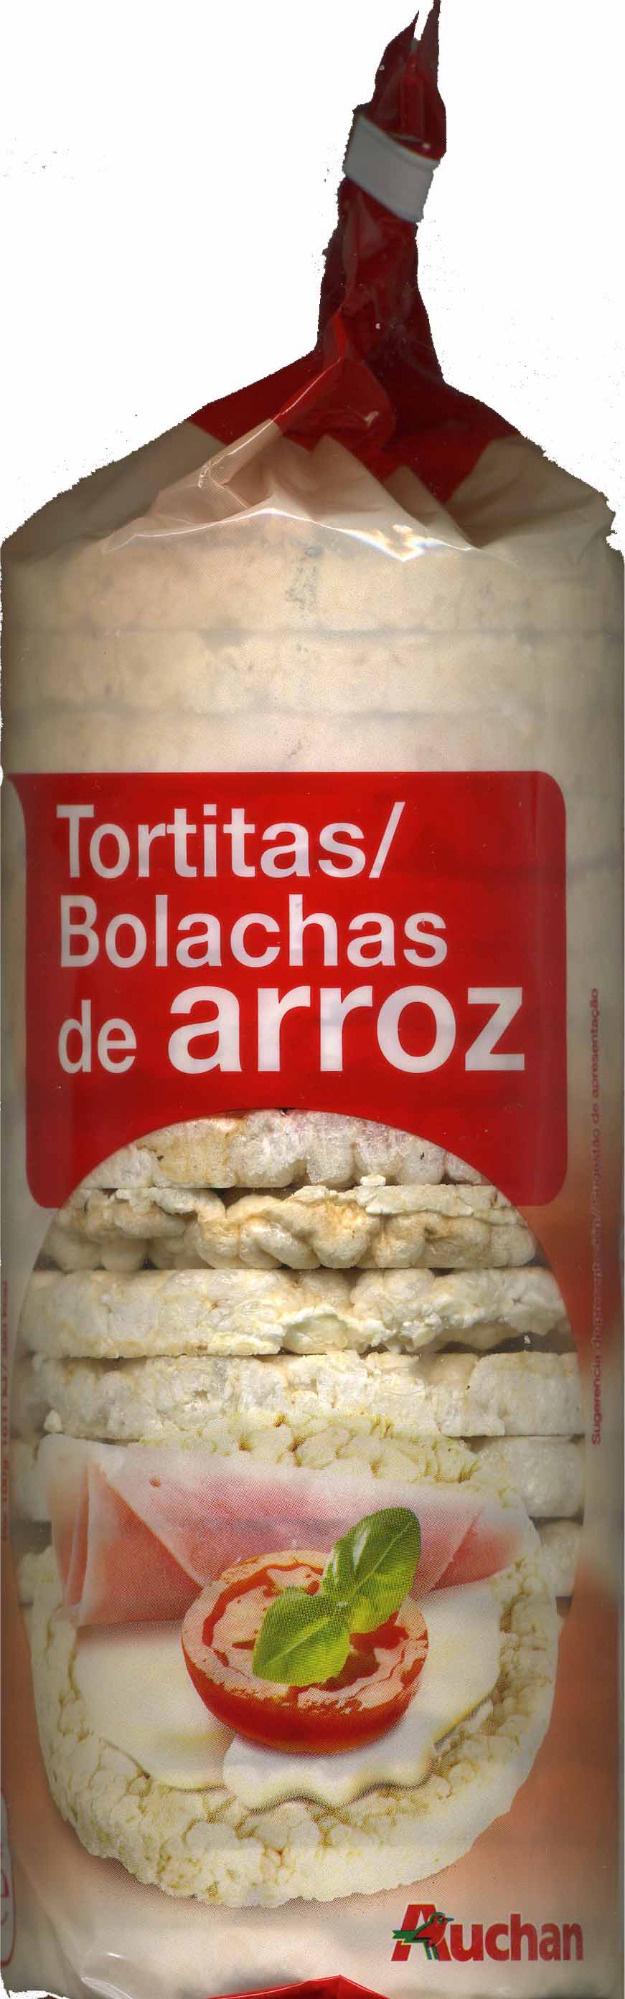 Tortitas Arroz - Producto - es